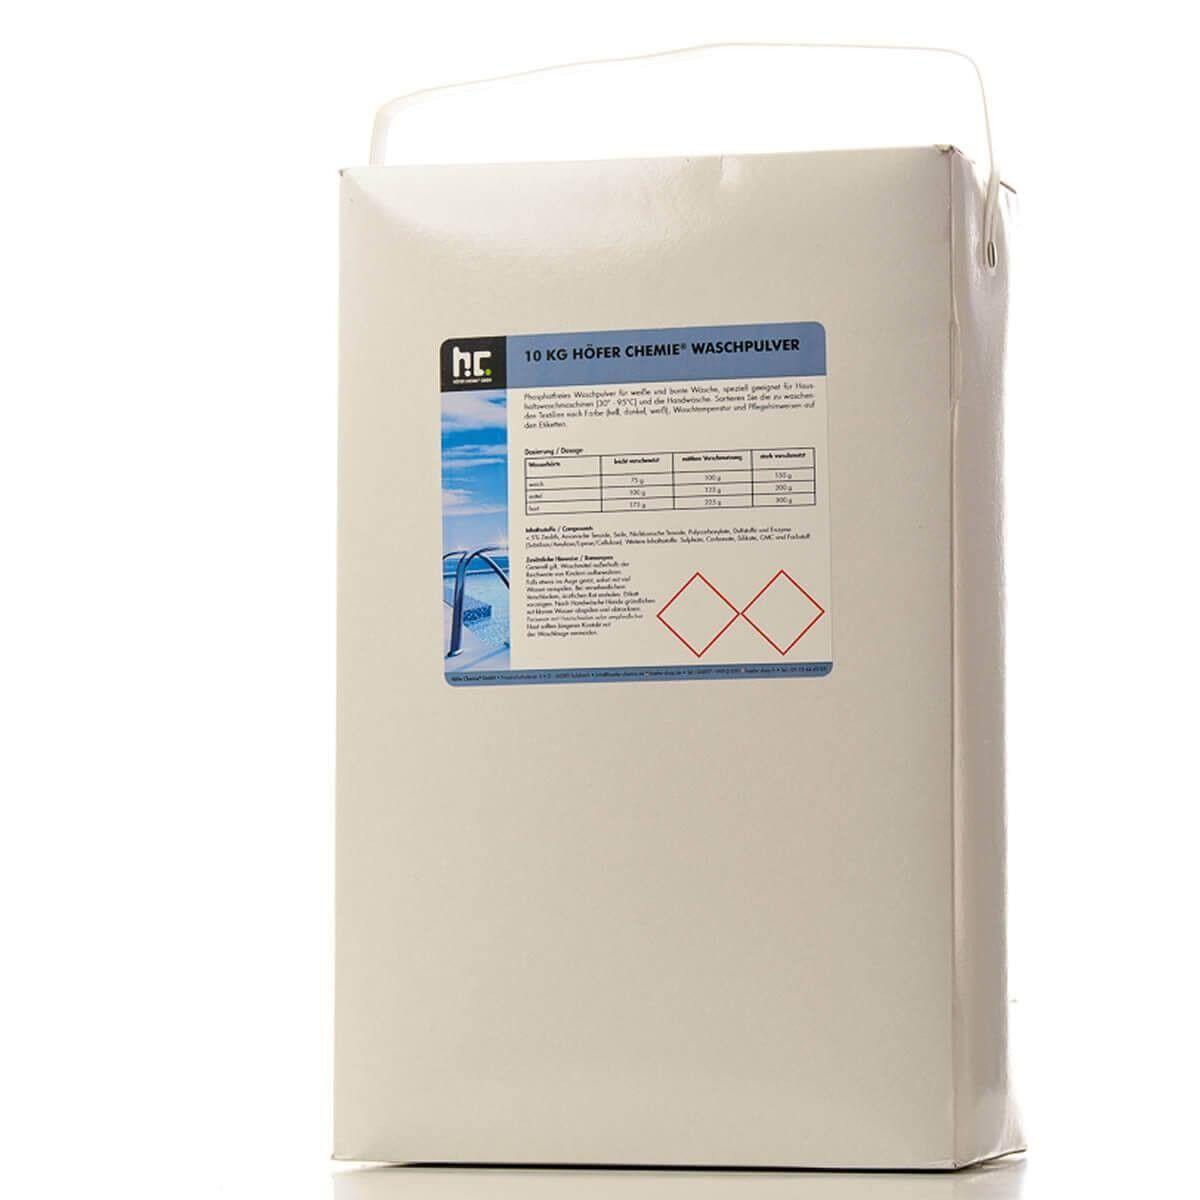 Höfer Chemie 30 kg Lessive en poudre (3 x 10 kg)